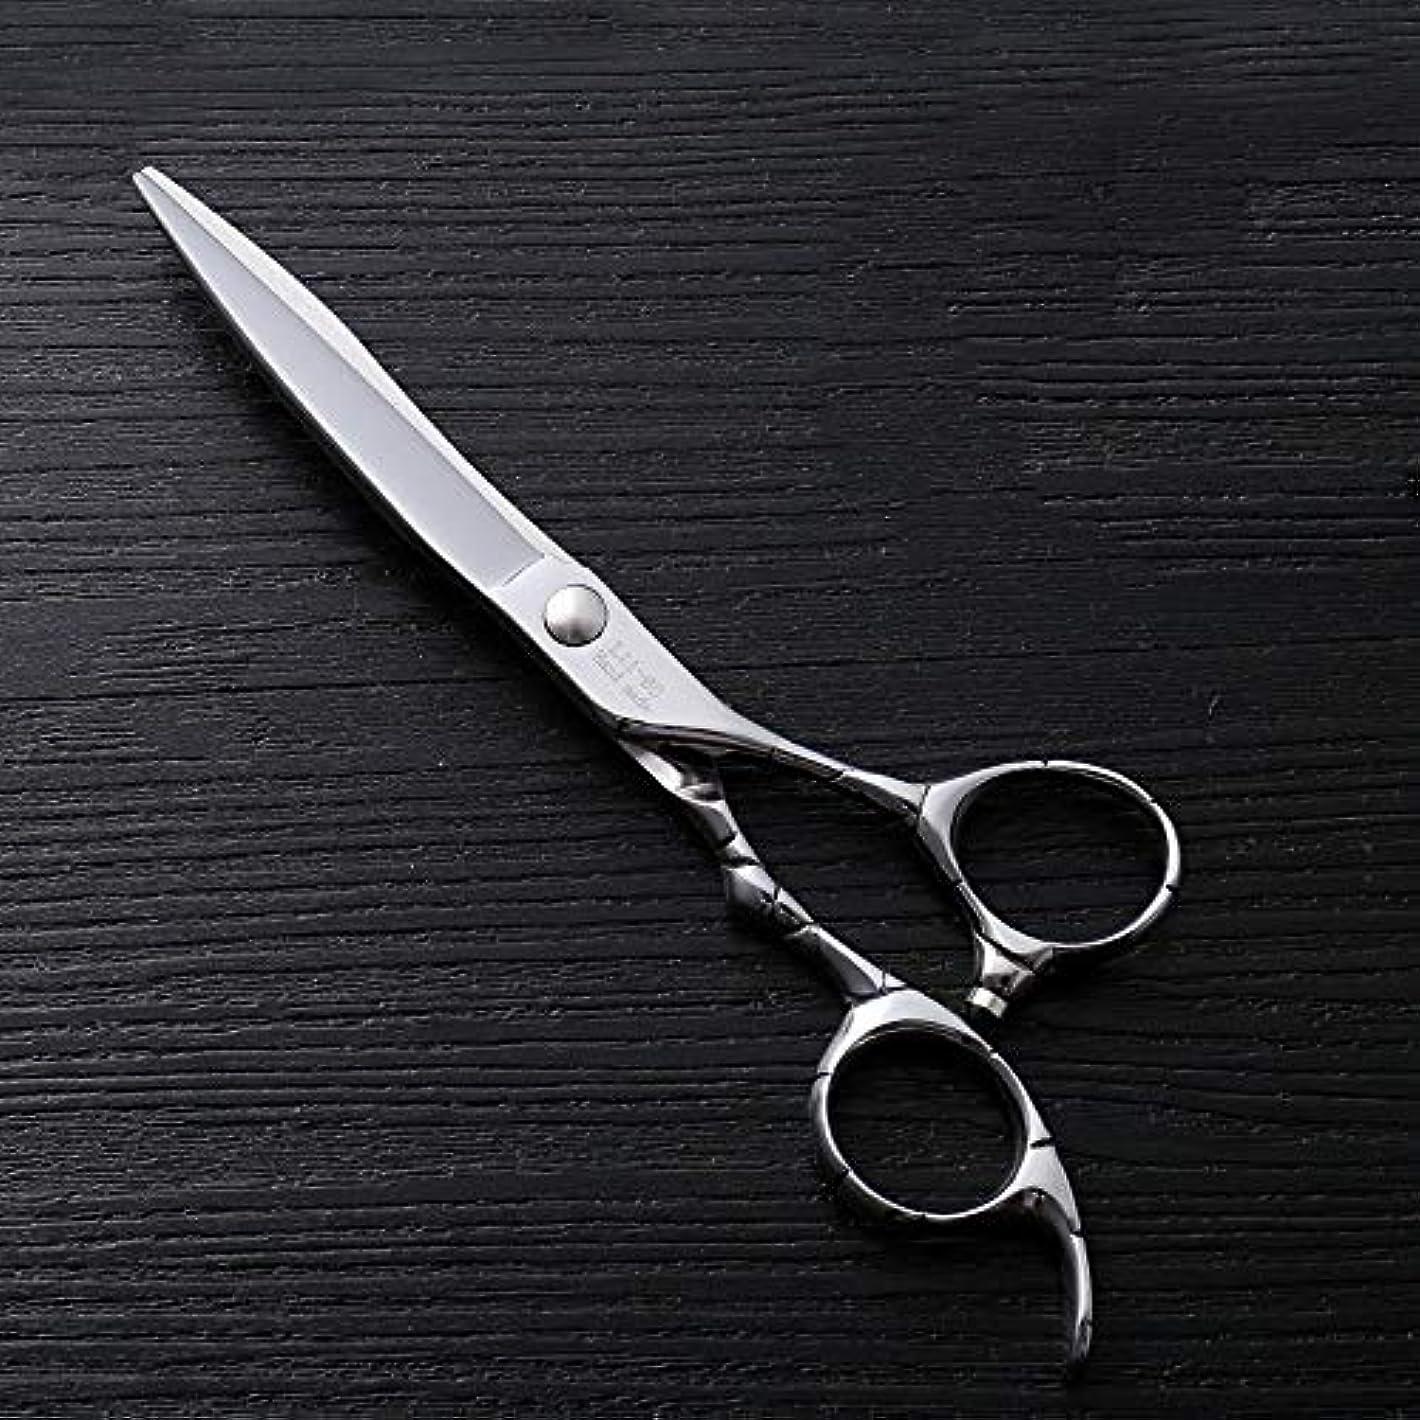 キャンベラ深く無秩序理髪用はさみ 6インチファイントリムプロフェッショナルフラットせん断ハイエンドステンレススチール理髪はさみヘアカットシアーステンレス理髪はさみ (色 : Silver)